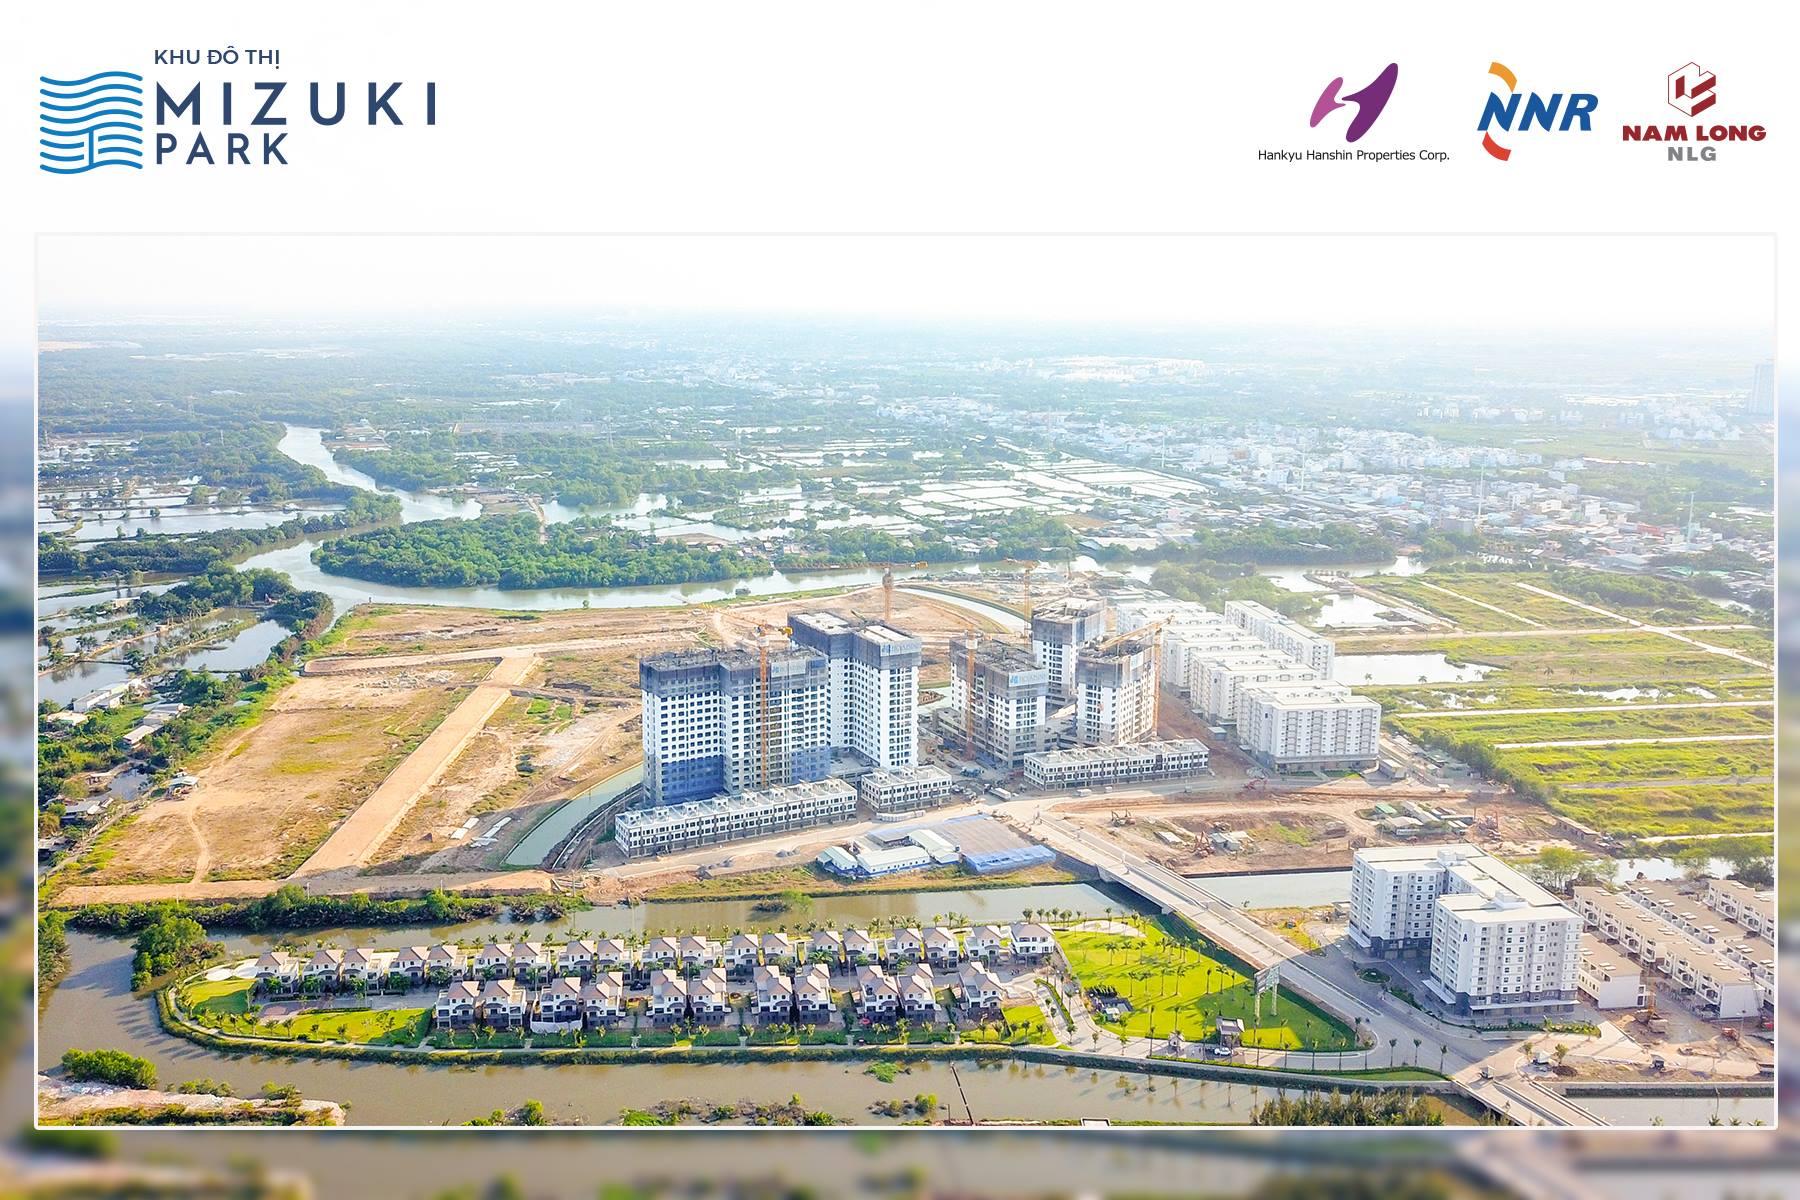 Khu đô thị Mizuki Park đang dần hình thành. Dự án có vị trí chiến lược khi dễ dàng di chuyển về Phú Mỹ Hưng